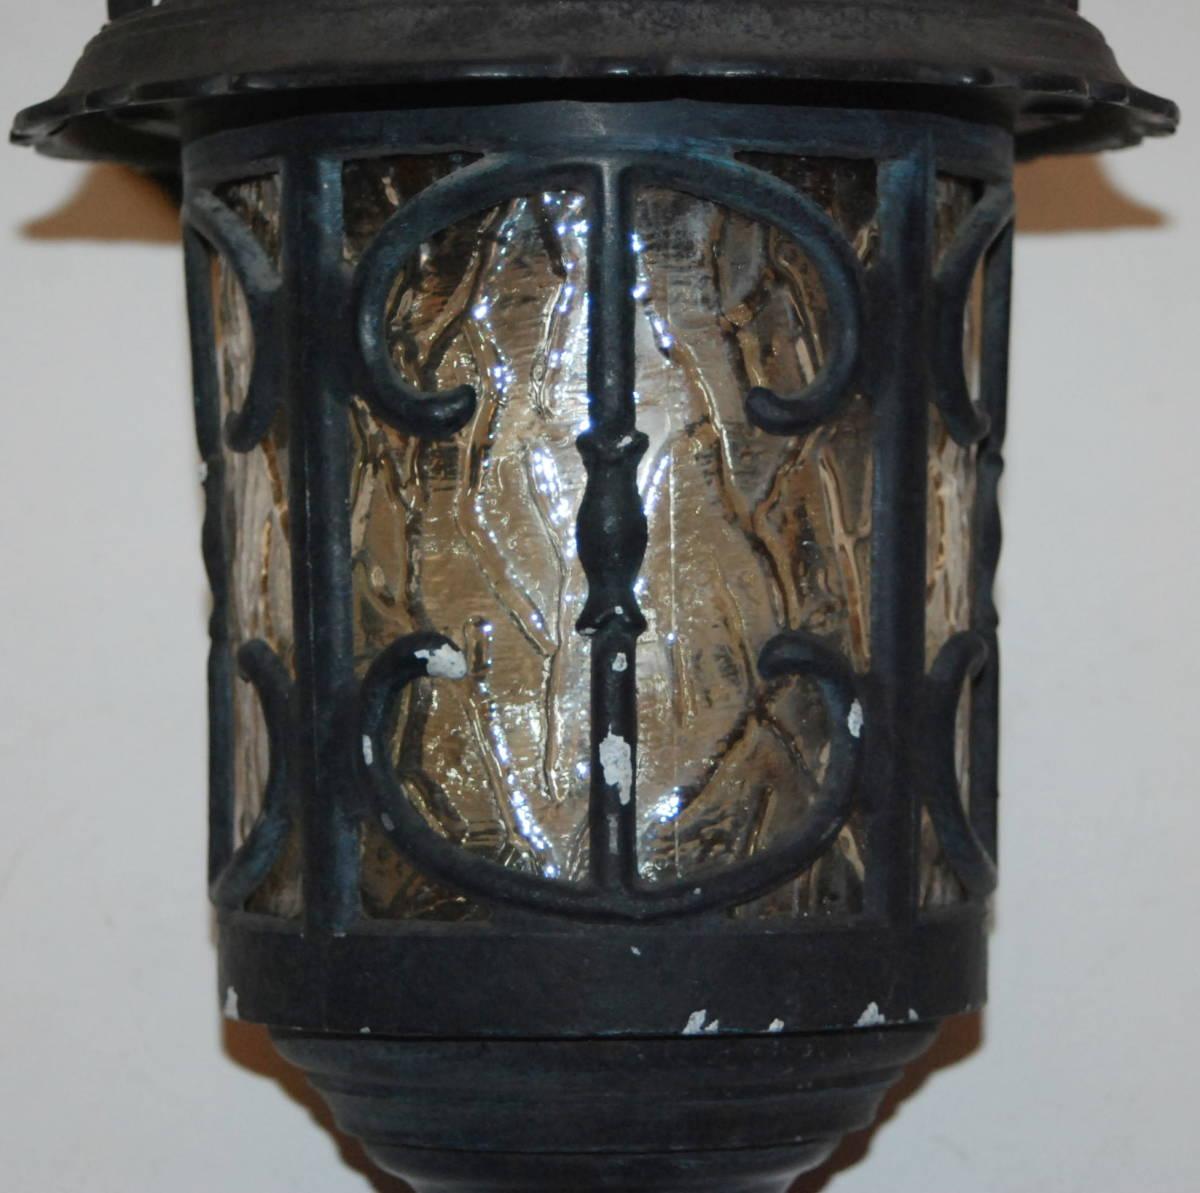 レトロ モダン アンティーク ウォールランプ ブラケットライト 色ガラス 照明 玄関 外灯 壁掛け 洋館_画像7